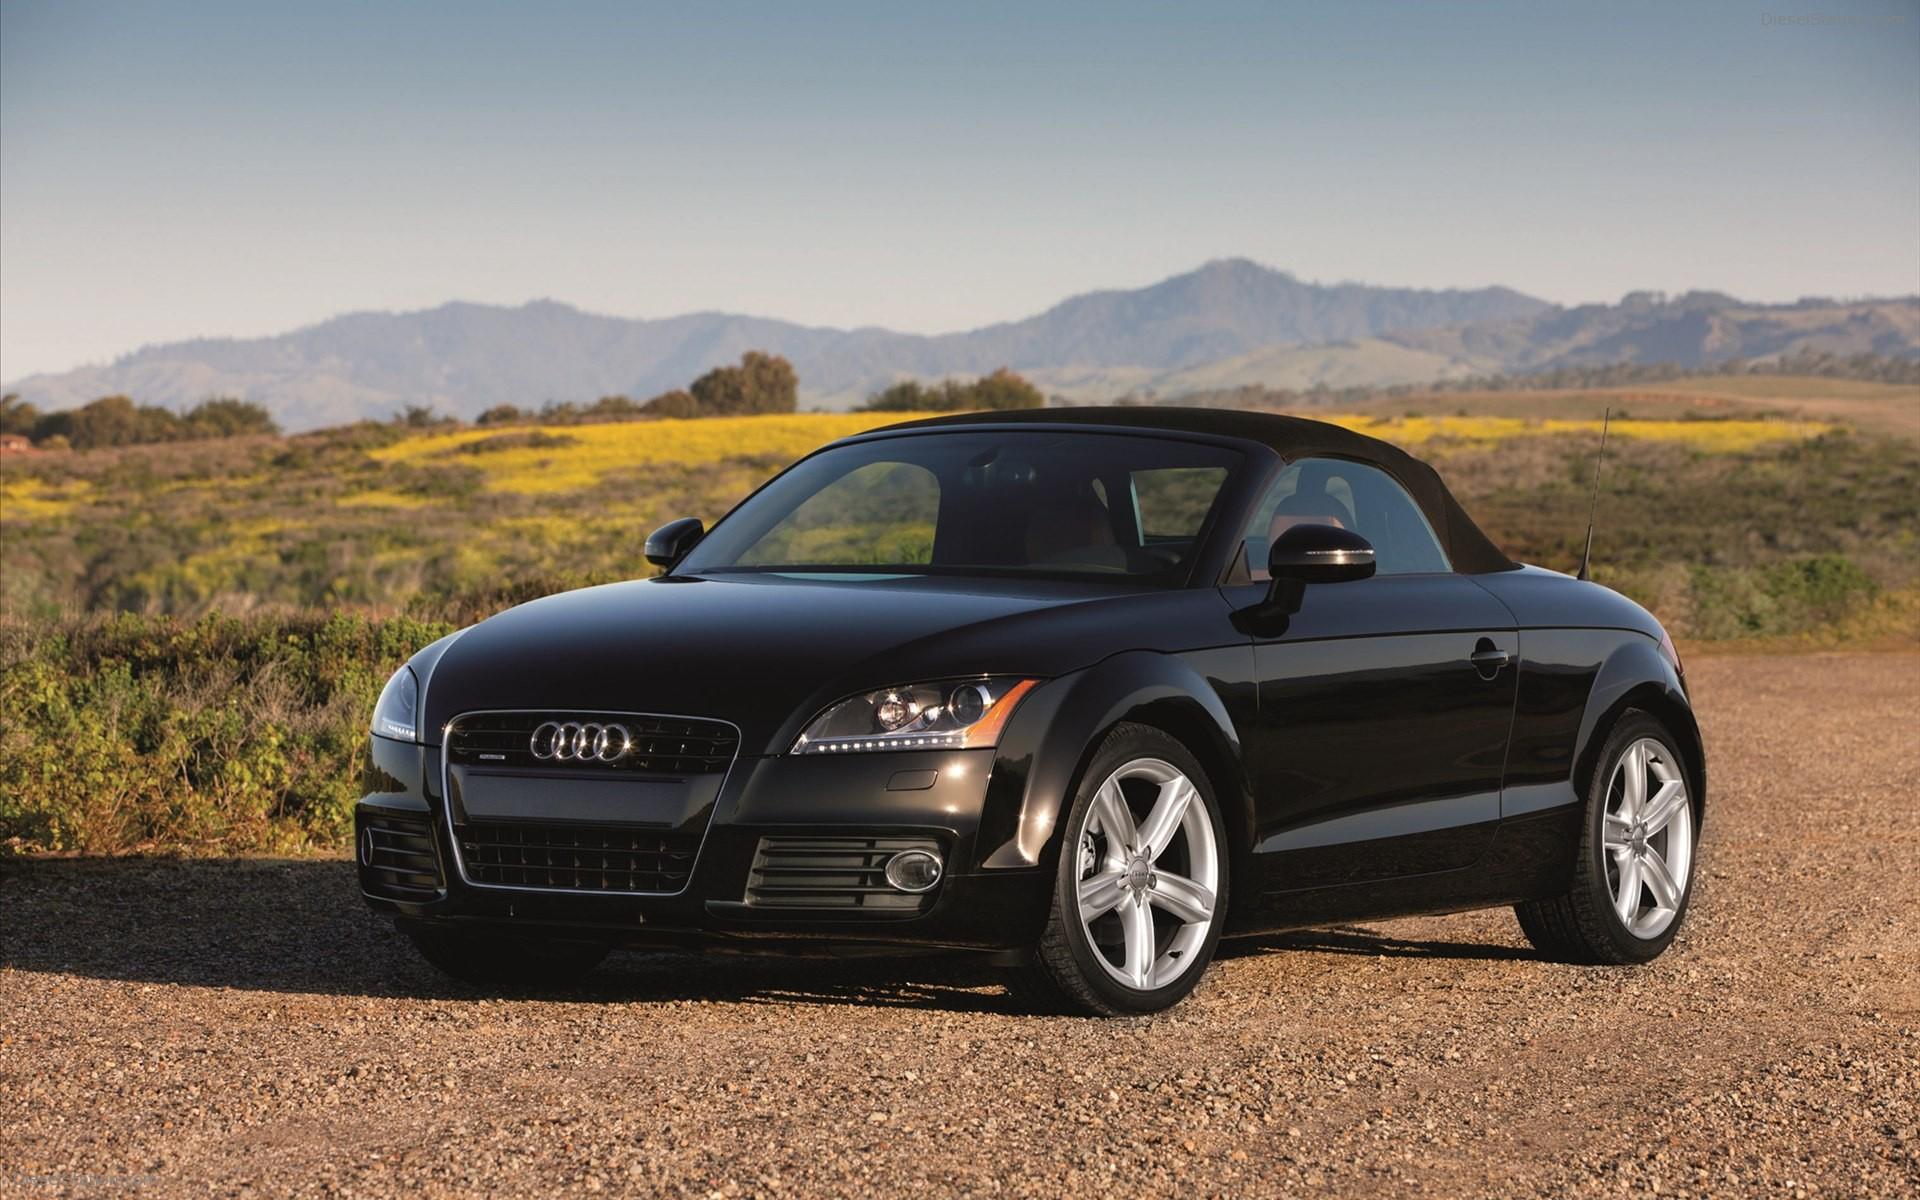 Audi Tt Roadster Widescreen